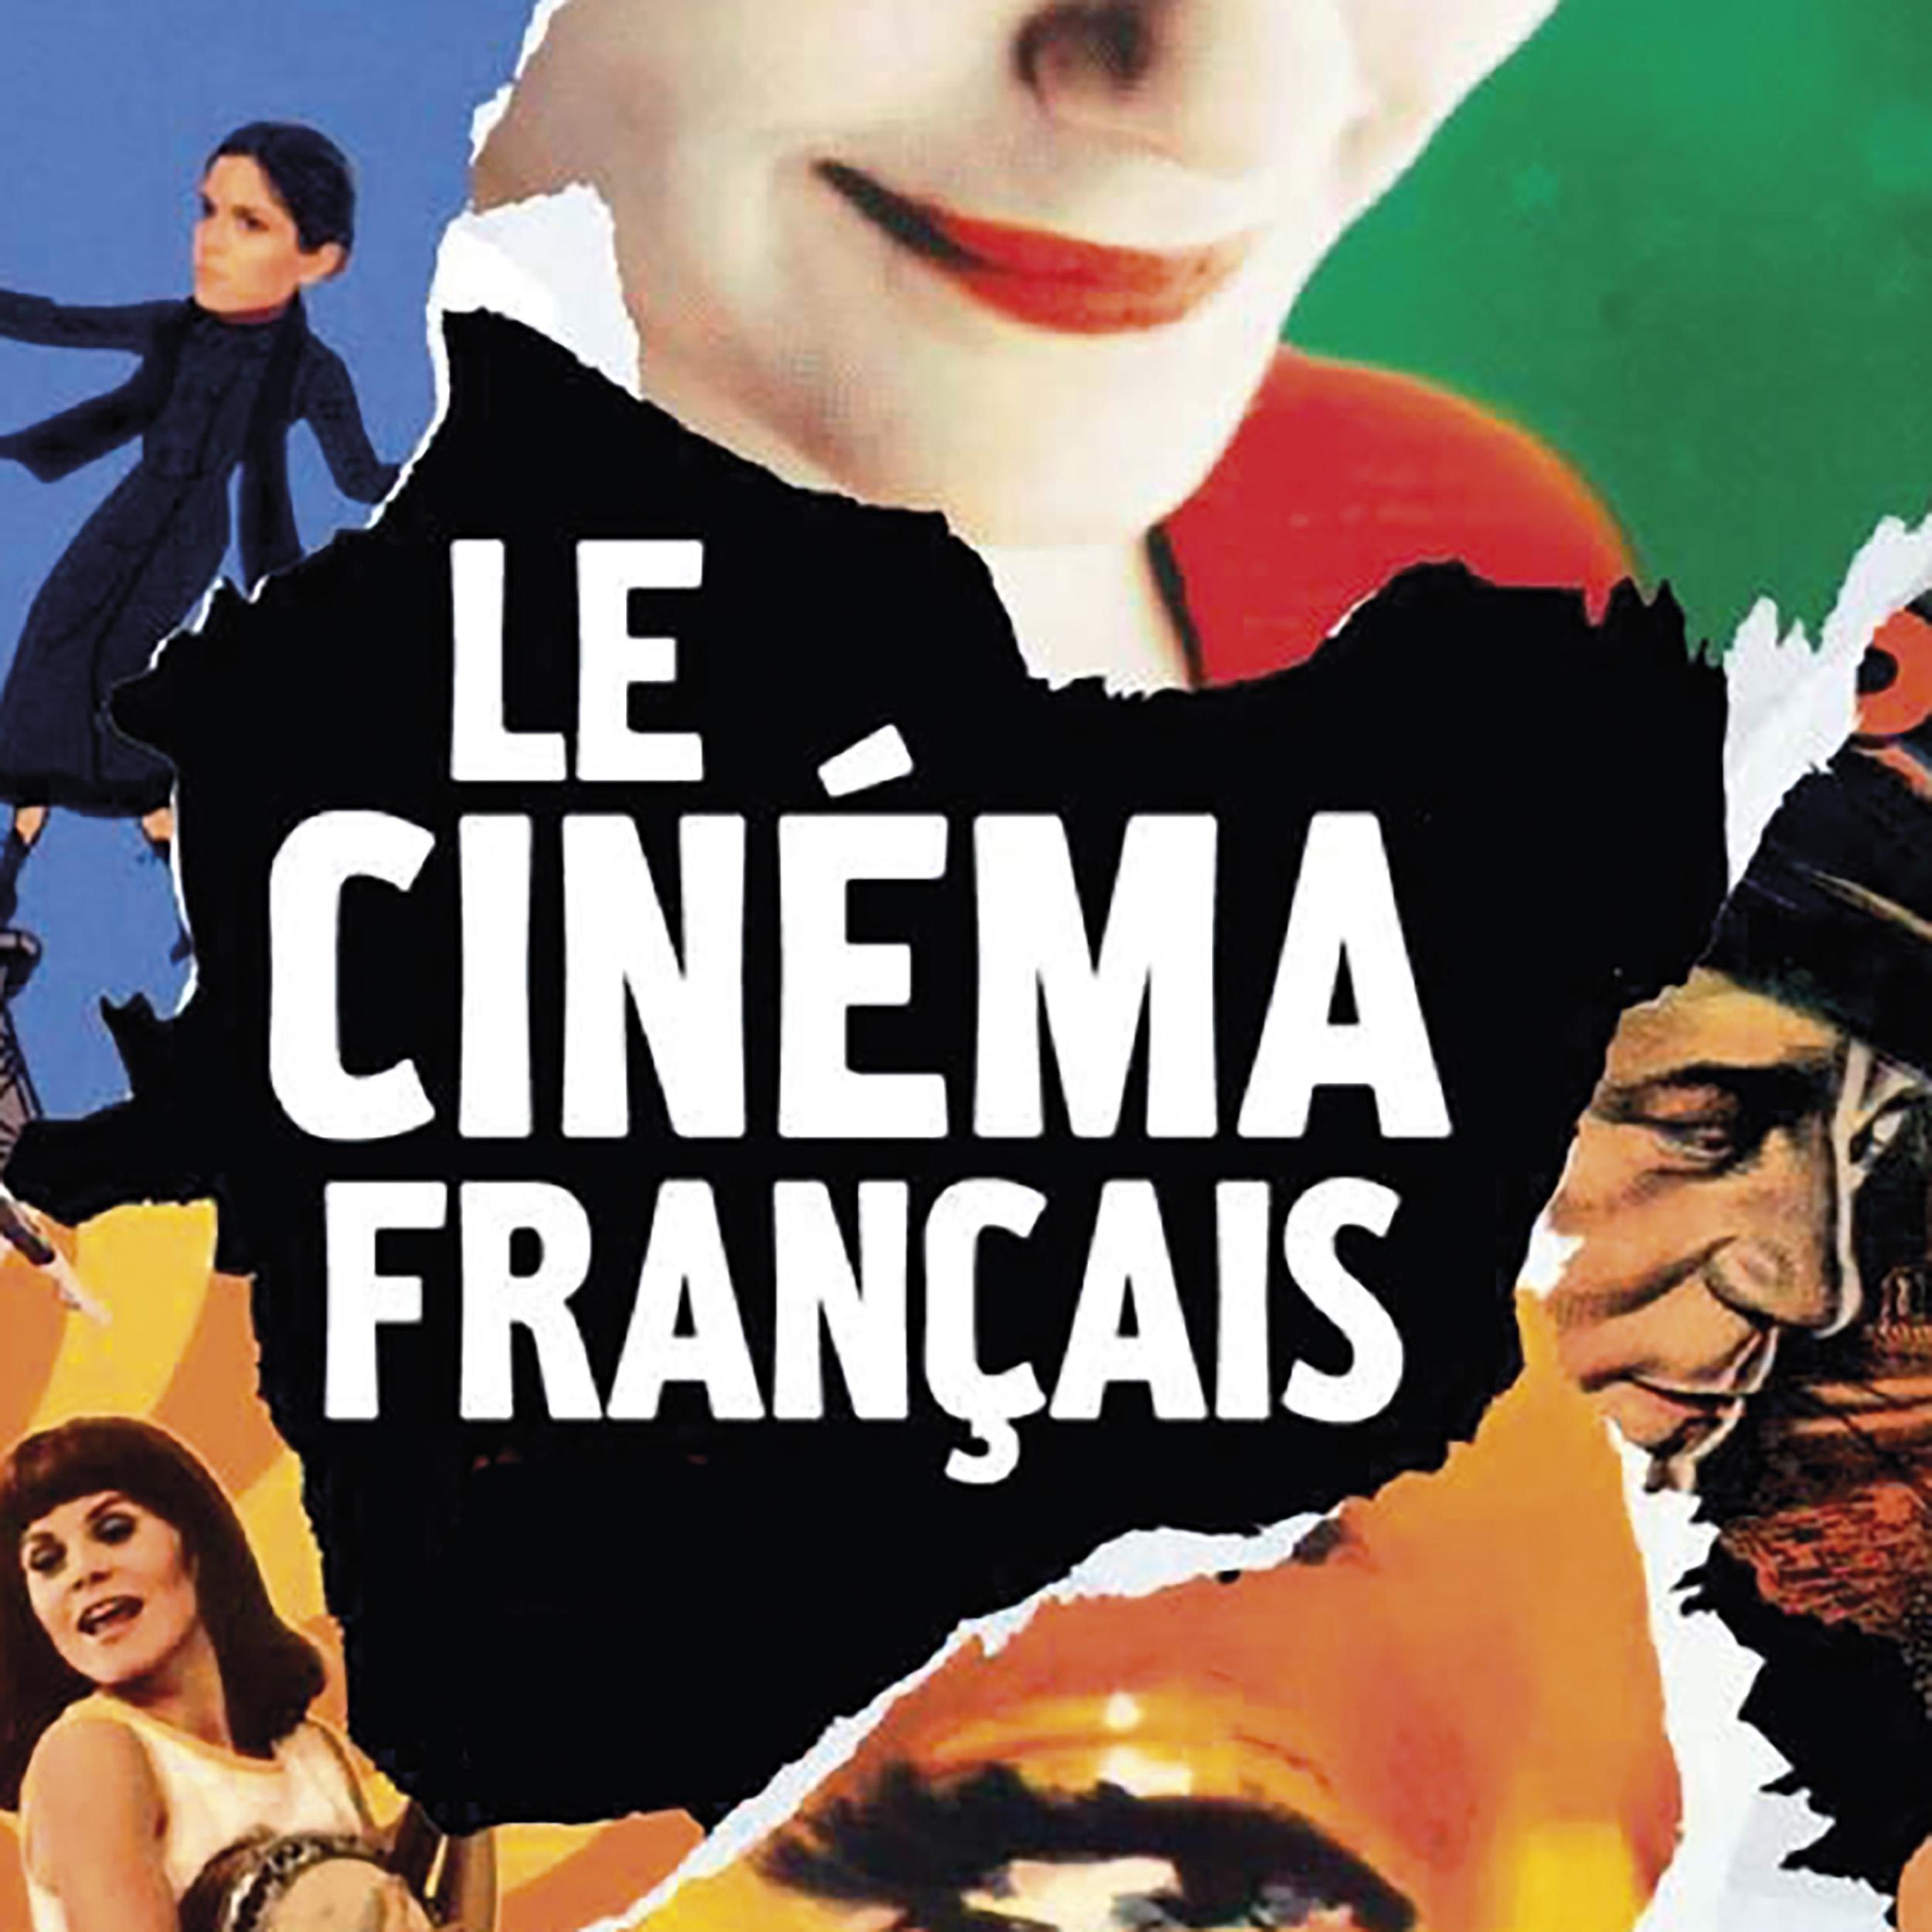 Cinéma français - 'Les héritiers', (2015) Marie-Castille Mention-Schaar